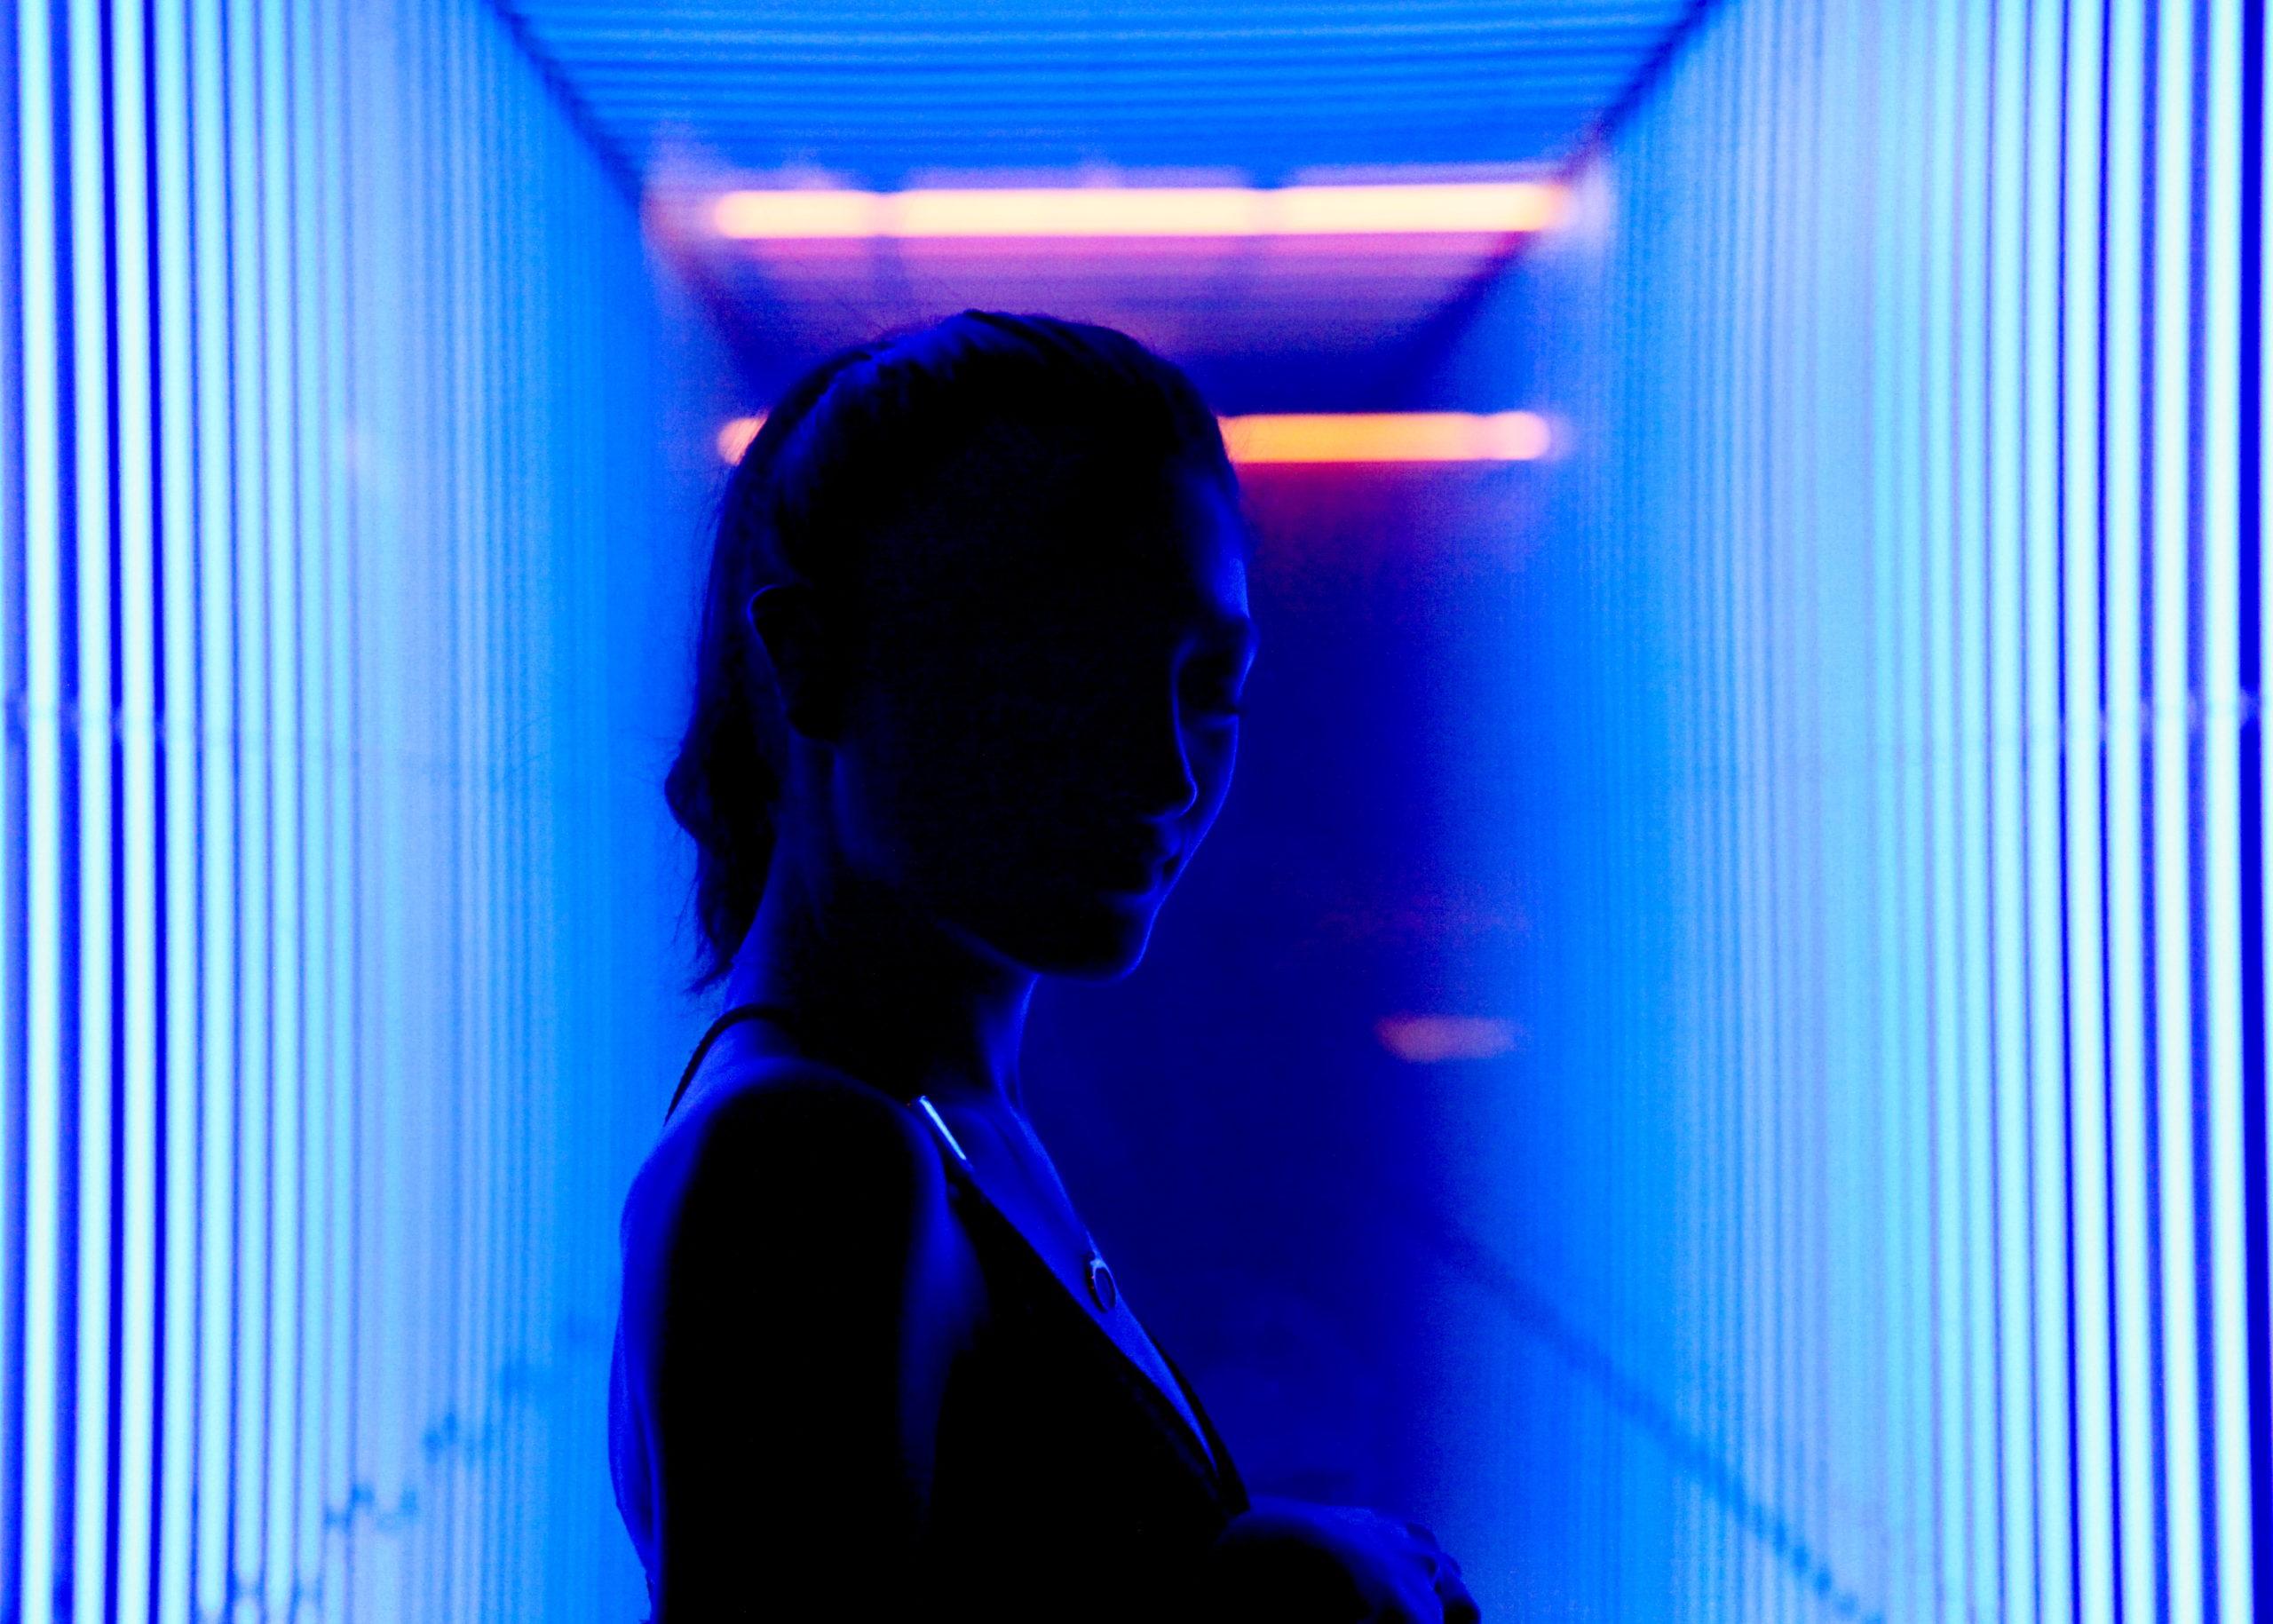 Рейтинг лучших ультрафиолетовых ламп на 2020 год